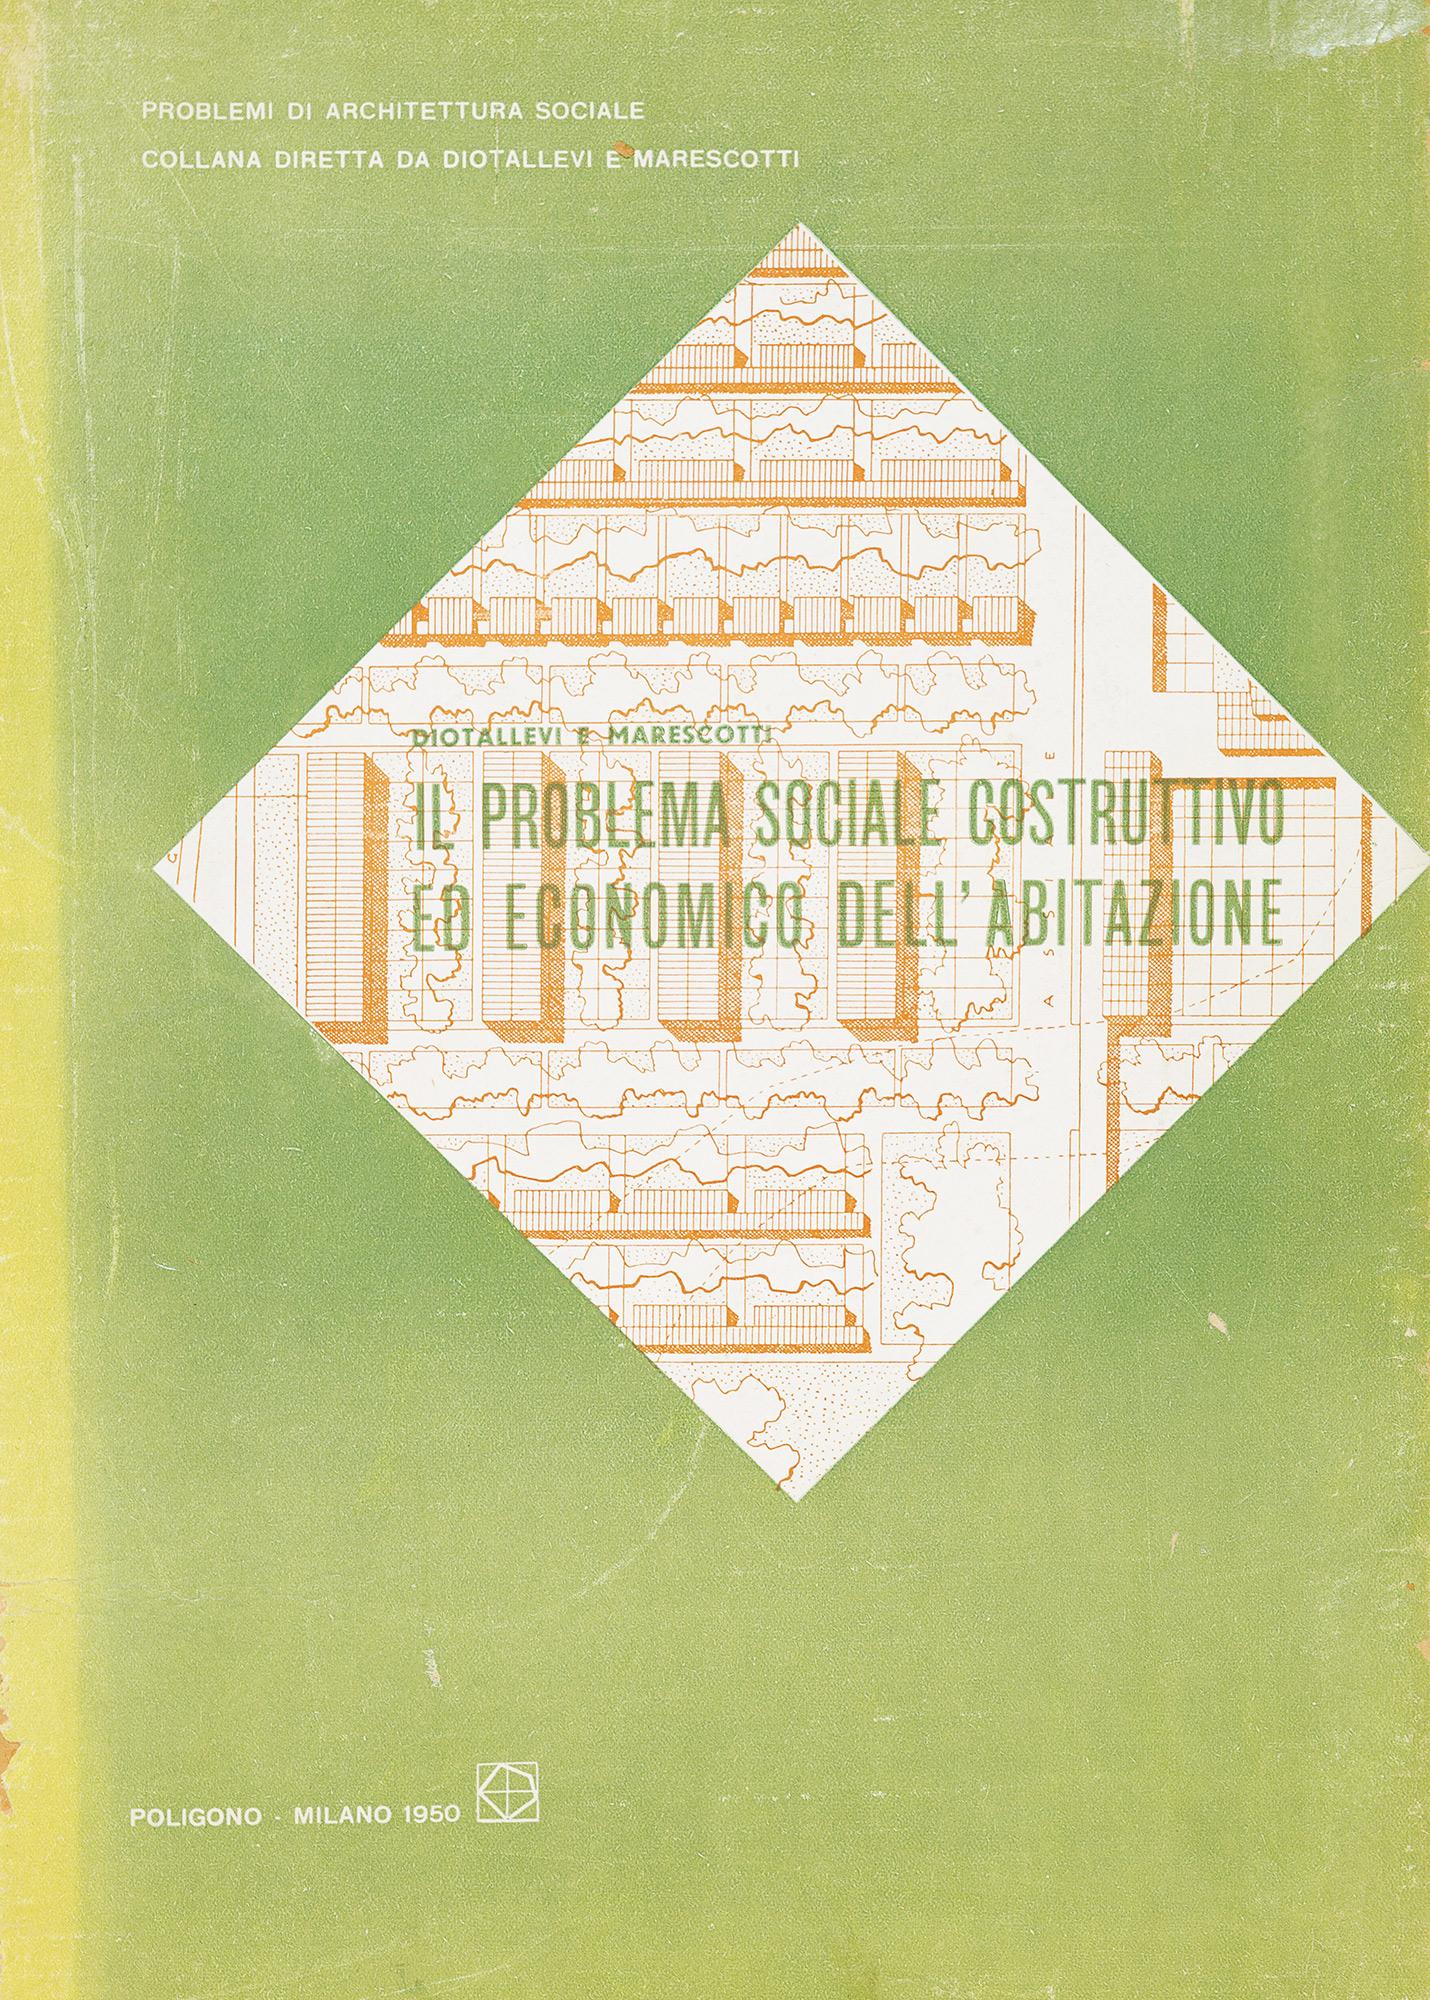 Il problema sociale, costruttivo ed economico dell'abitazione. Problemi di architettura sociale